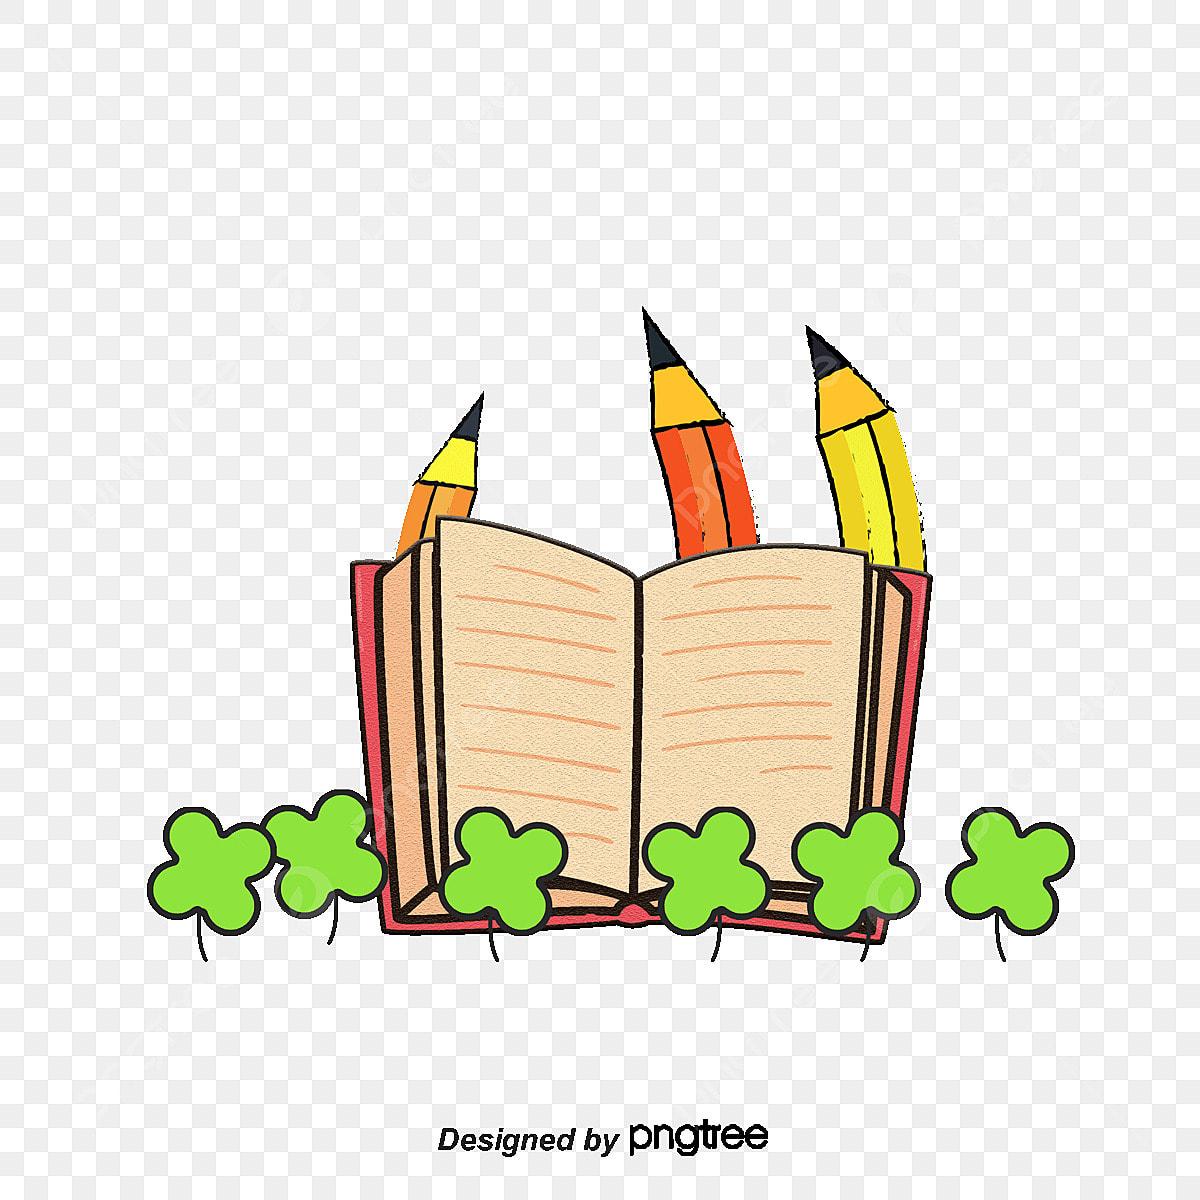 من ناحية رسم الكرتون قلم الكتاب ناقلات الكرتون ناقلات قلم رصاص ناقل الكتاب Png وملف Psd للتحميل مجانا